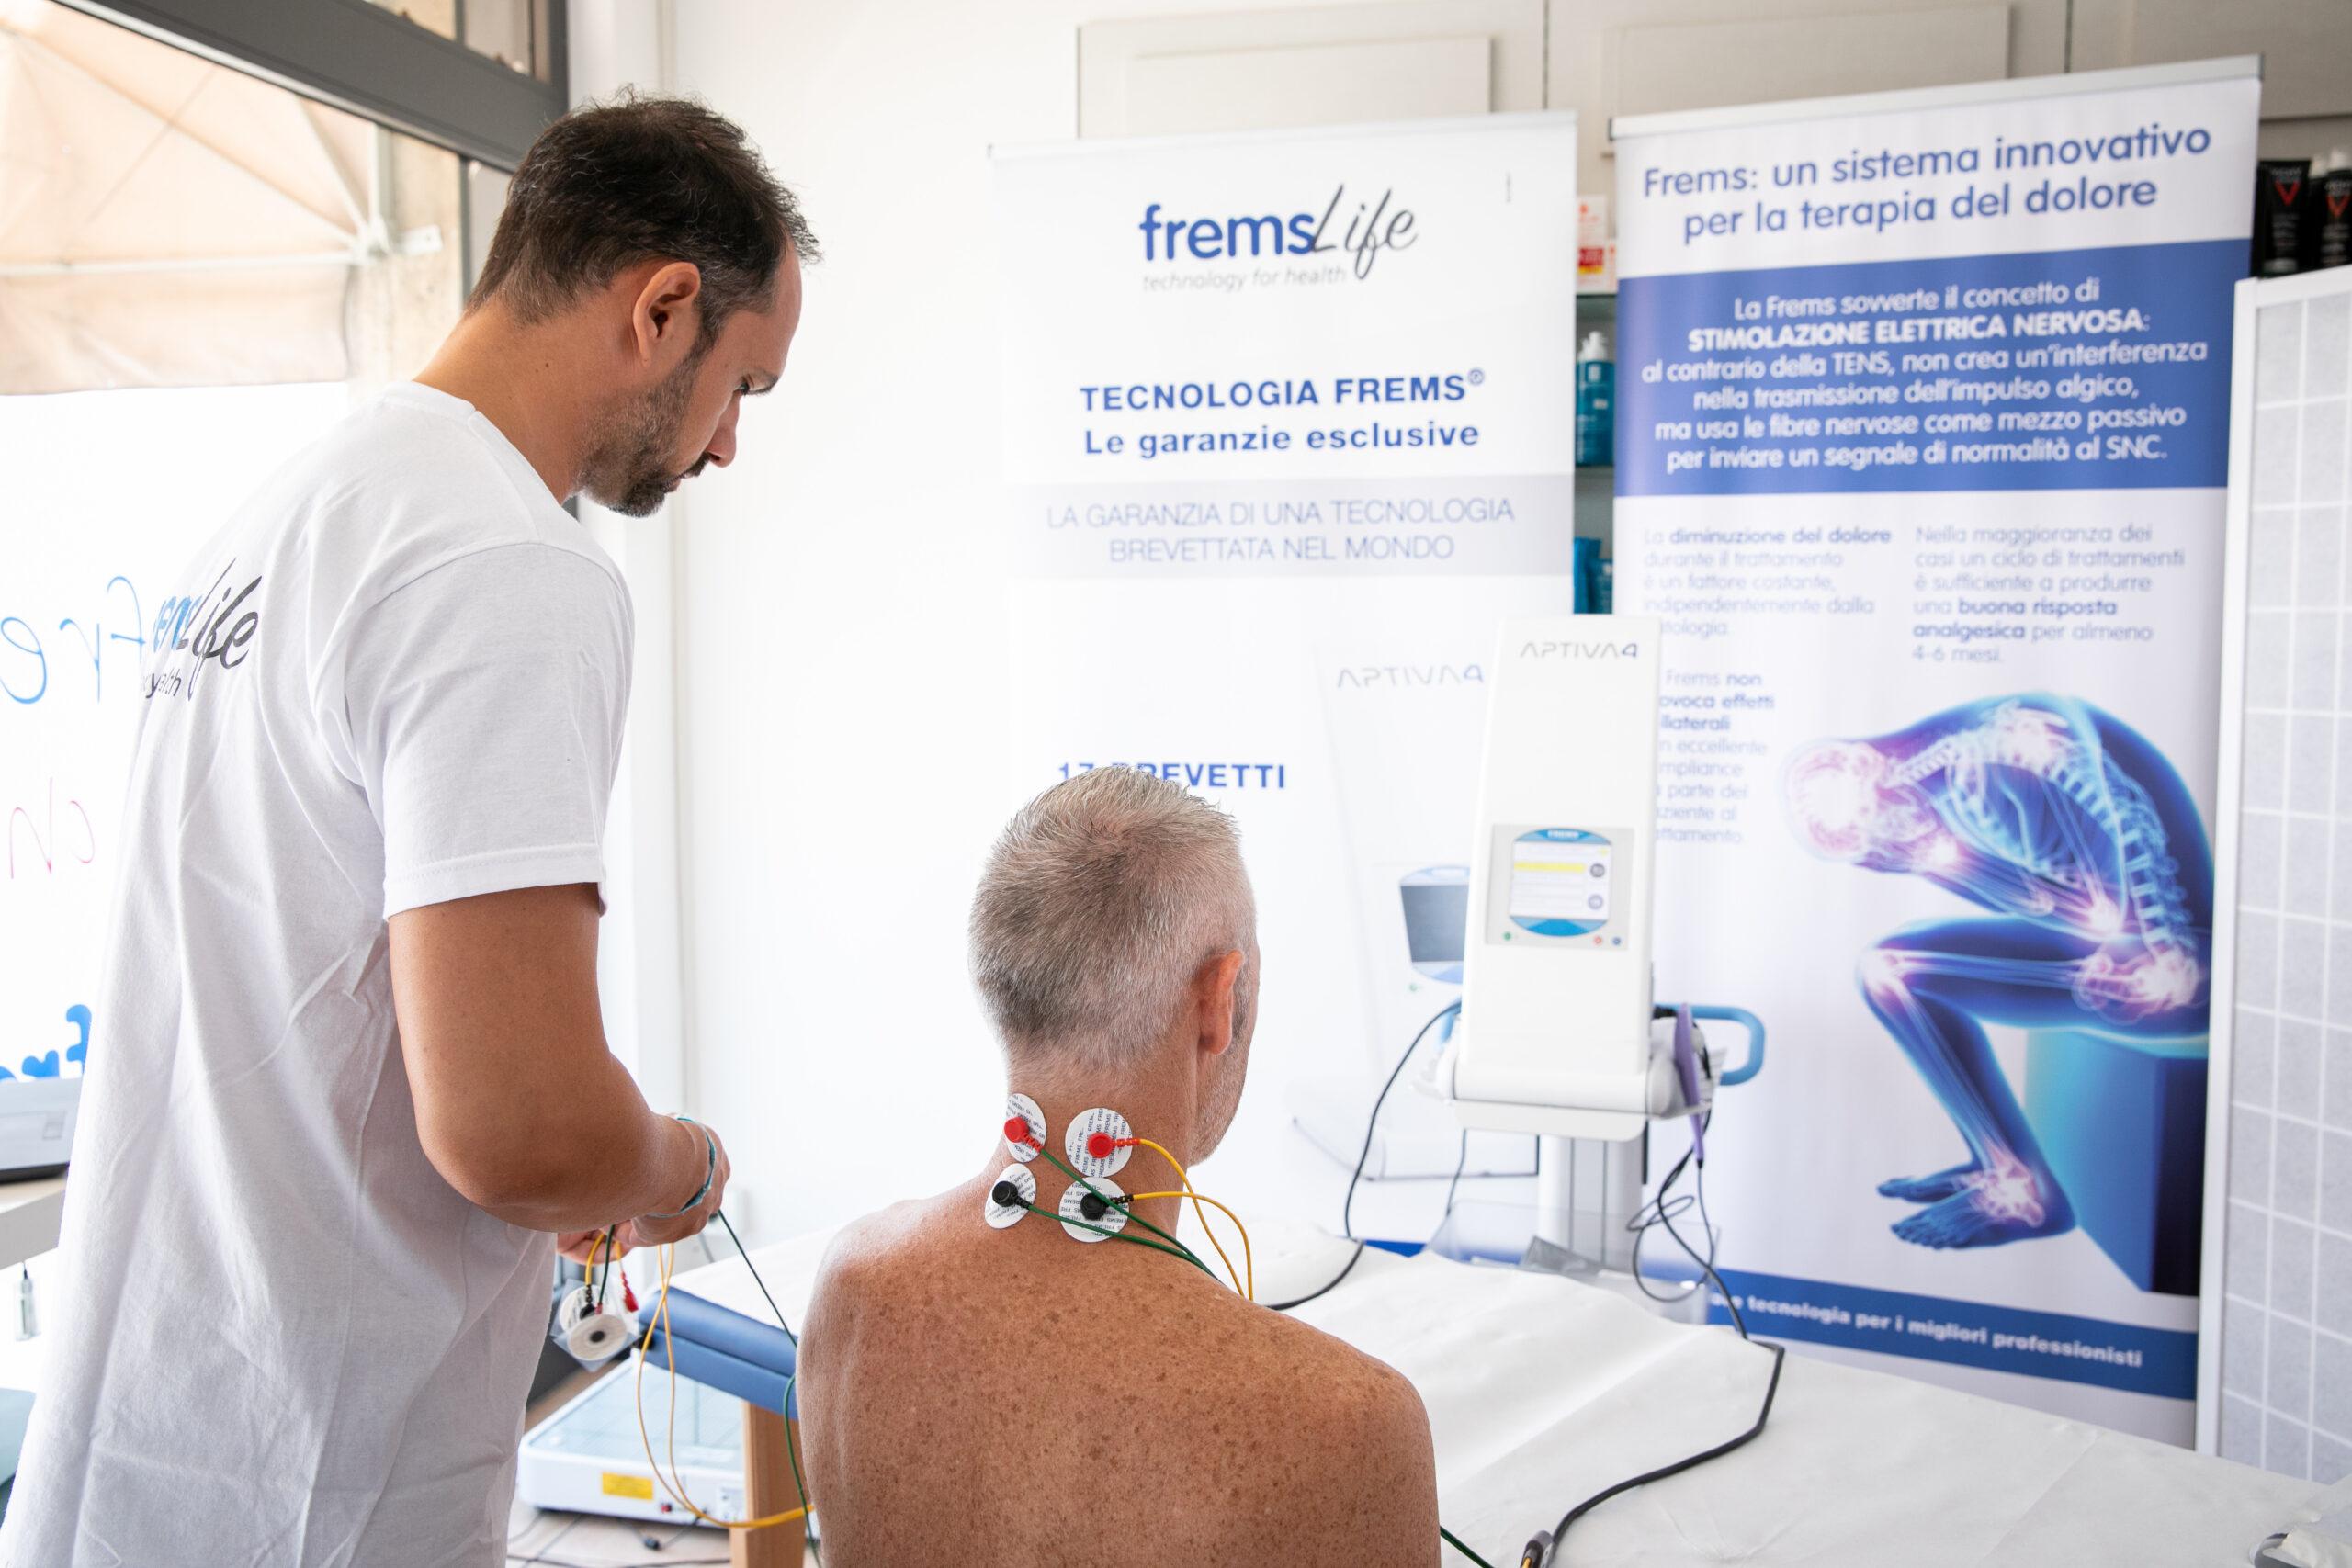 Innovazioni tecnologiche alternative ai farmaci: Fremslife lancia la campagna di equity crowdfunding